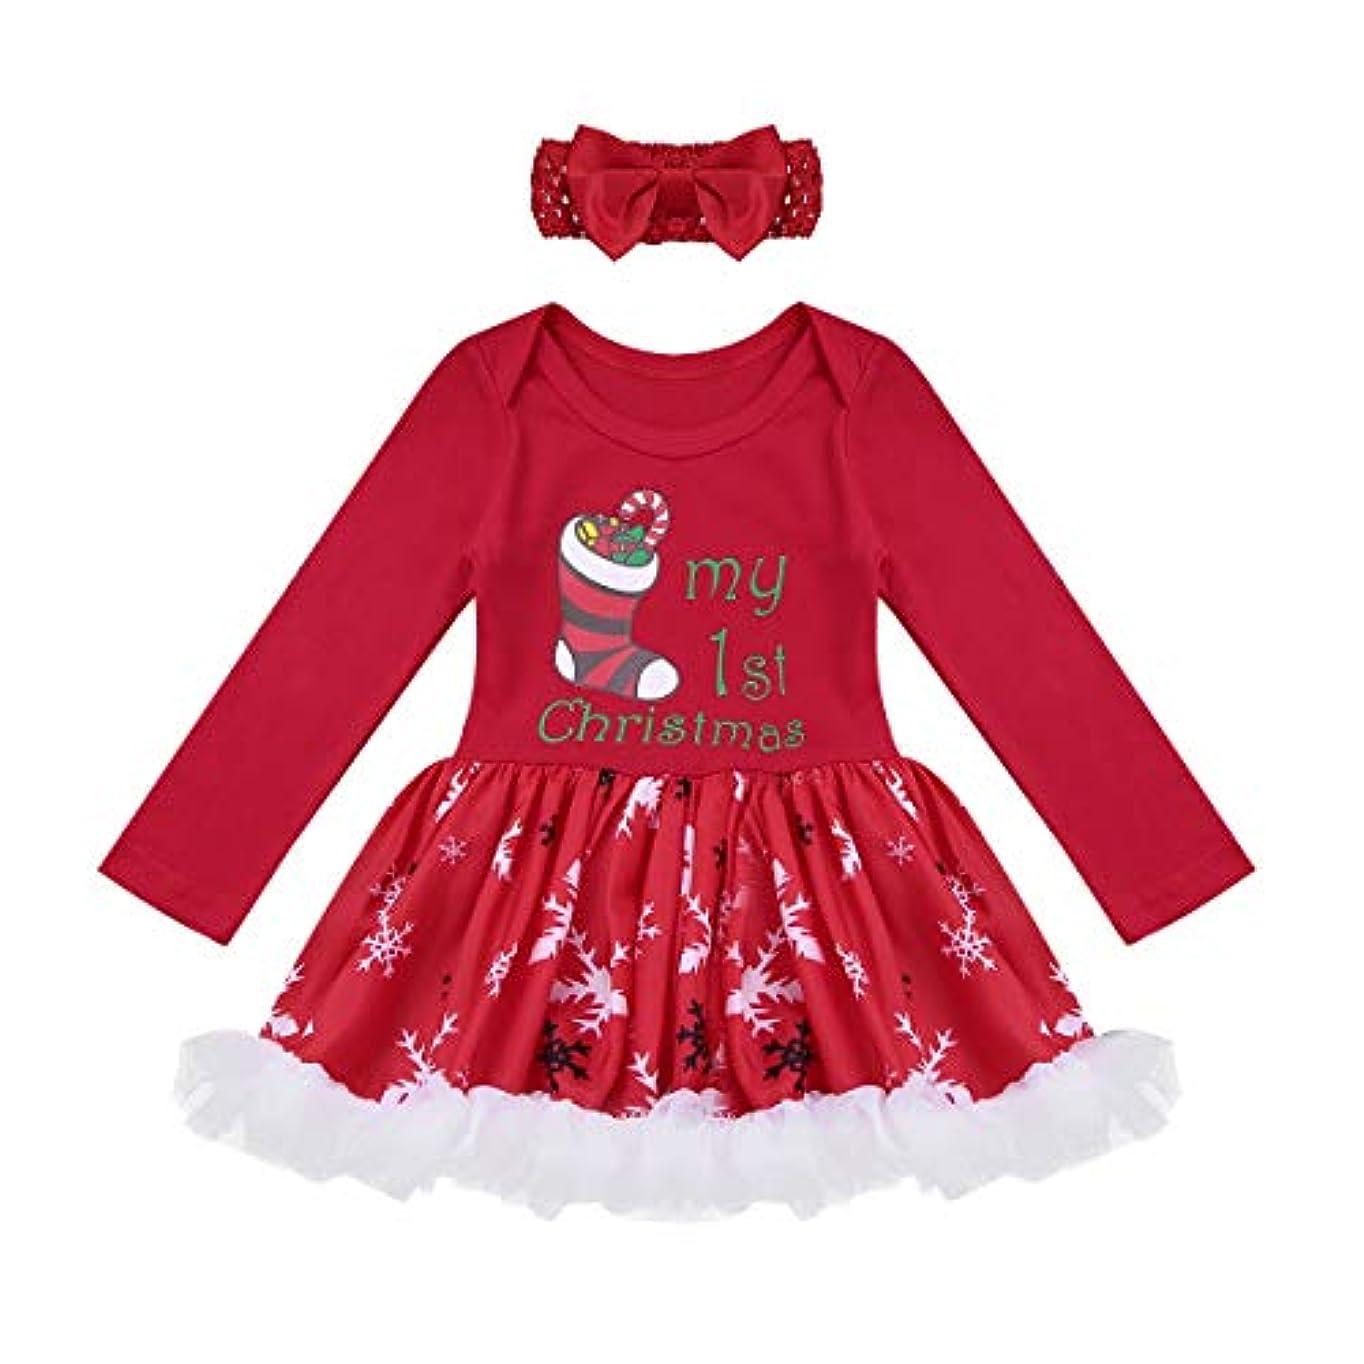 手のひら収束する枯渇(アゴキー)Agoky 新生児 ベビー 子供 ガールズ クリスマス サンタクロース キッズ コスチューム 長袖 ロンパース ワンピース ドレス チュチュスカート ヘッドバンド付き レッド2 80